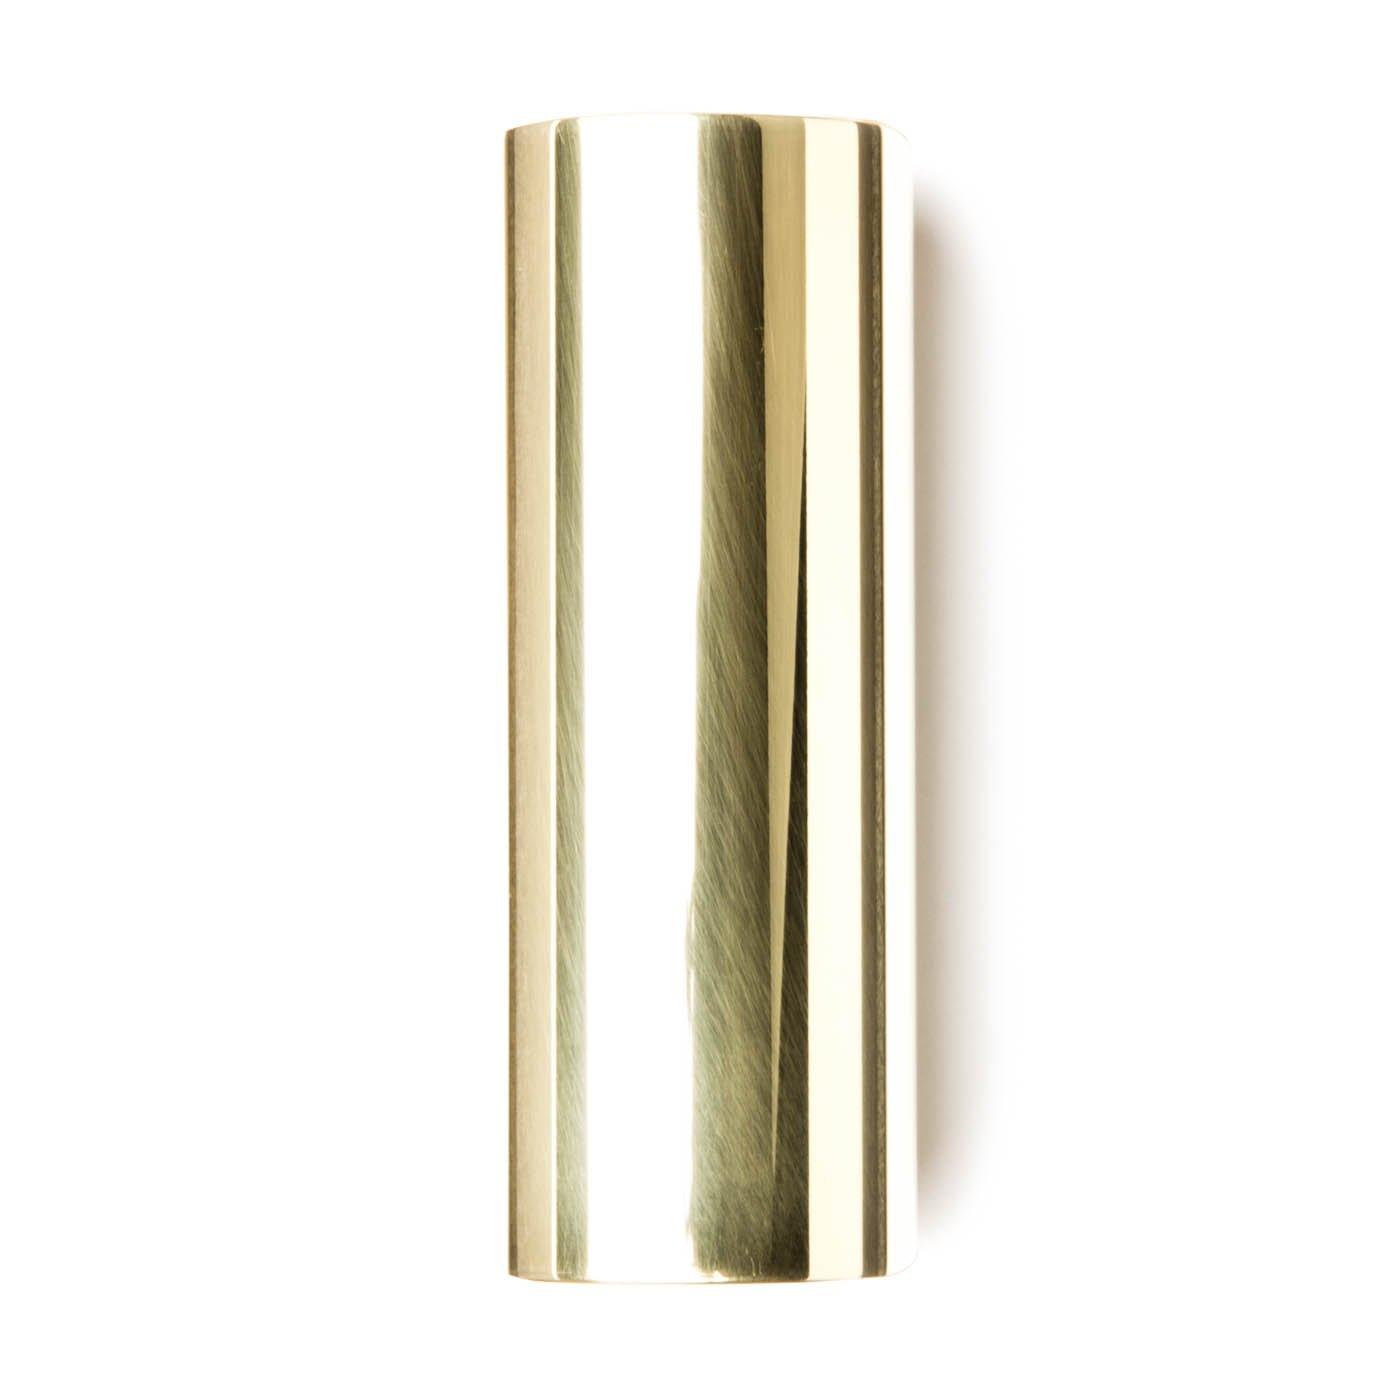 Dunlop 222 Brass Slide Size 9